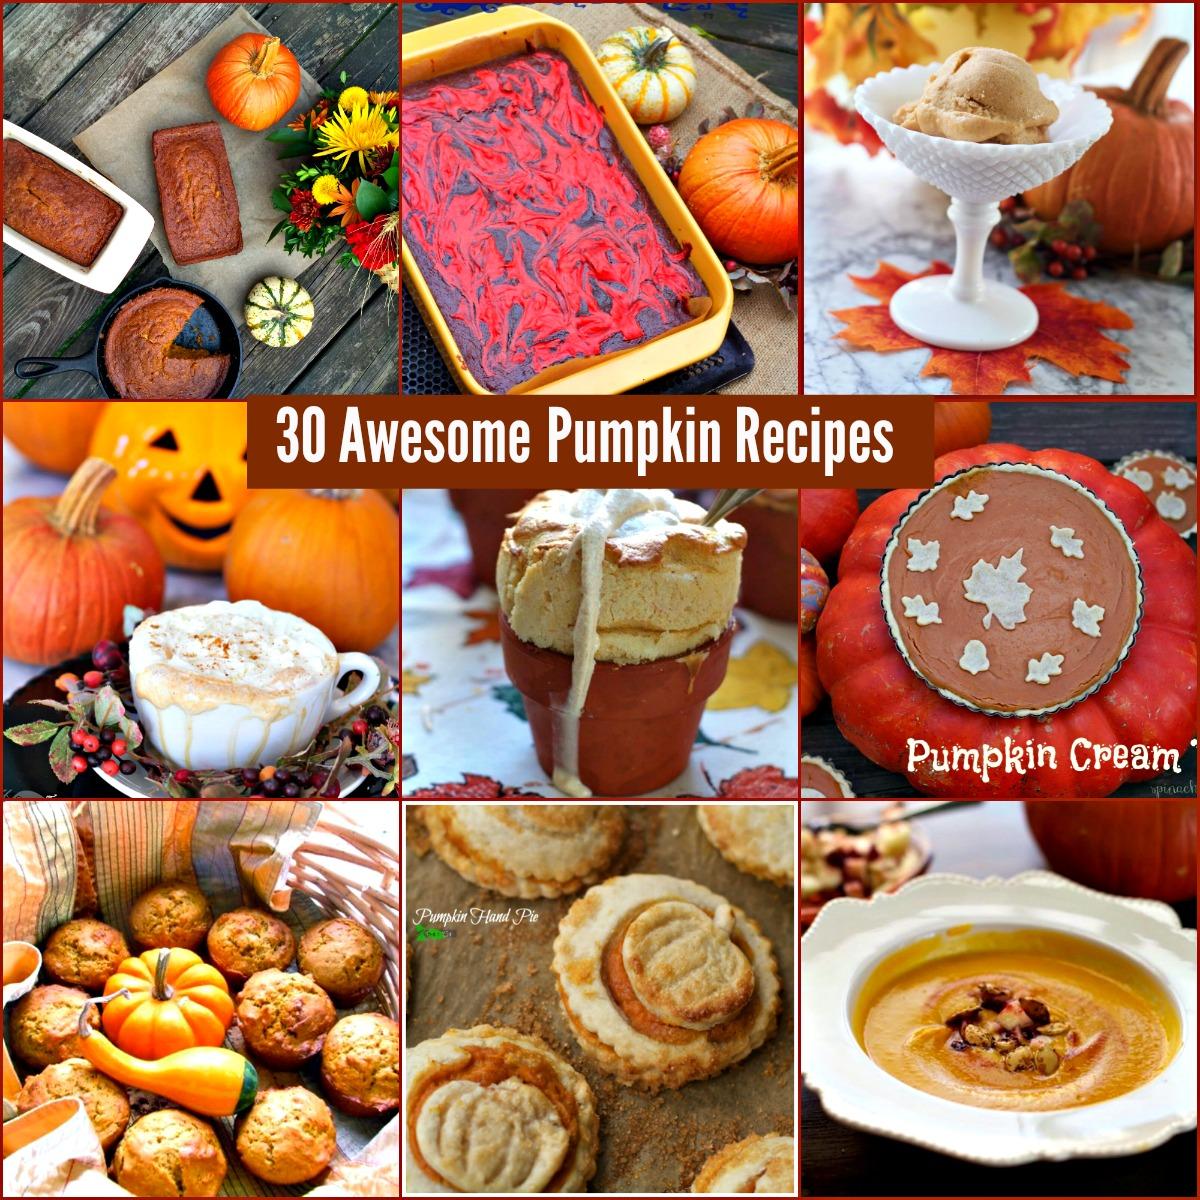 Best Pumpkin Dessert Recipes with Canned Pumpkin from Spinach Tiger. #pumpkin #desserts